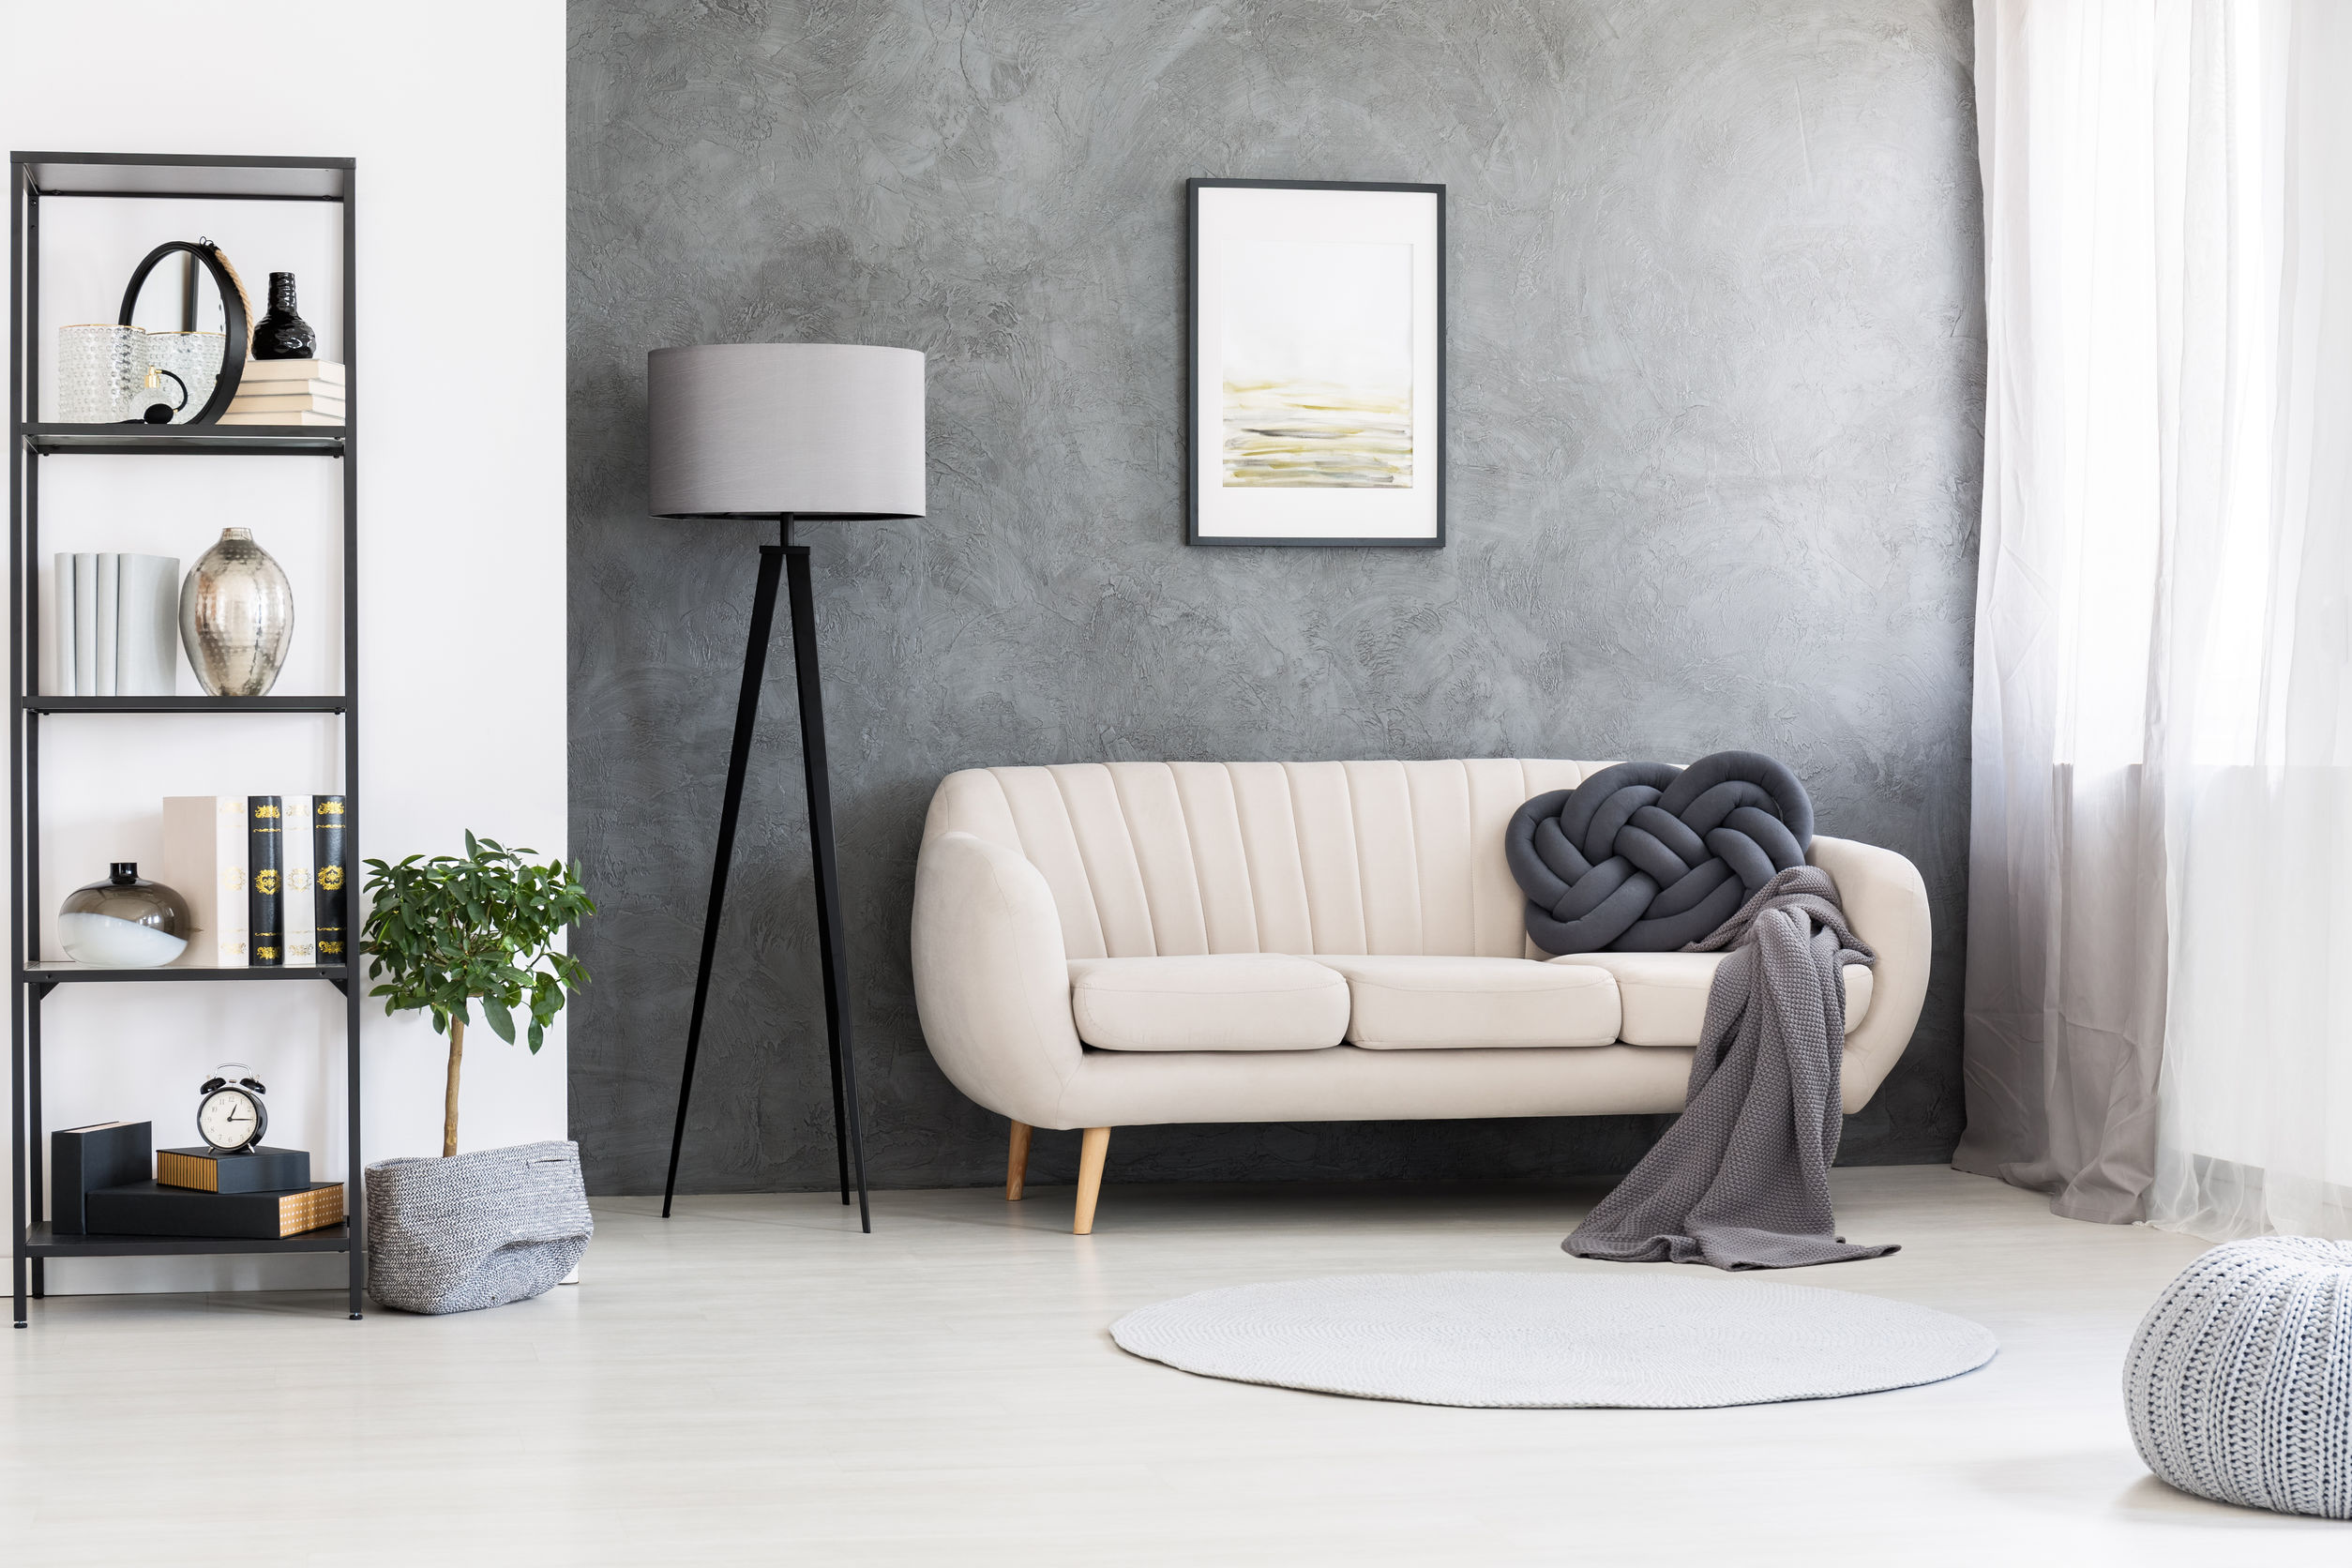 Na foto uma sala de estar com estante, sofá, abajur e quadro na parede.